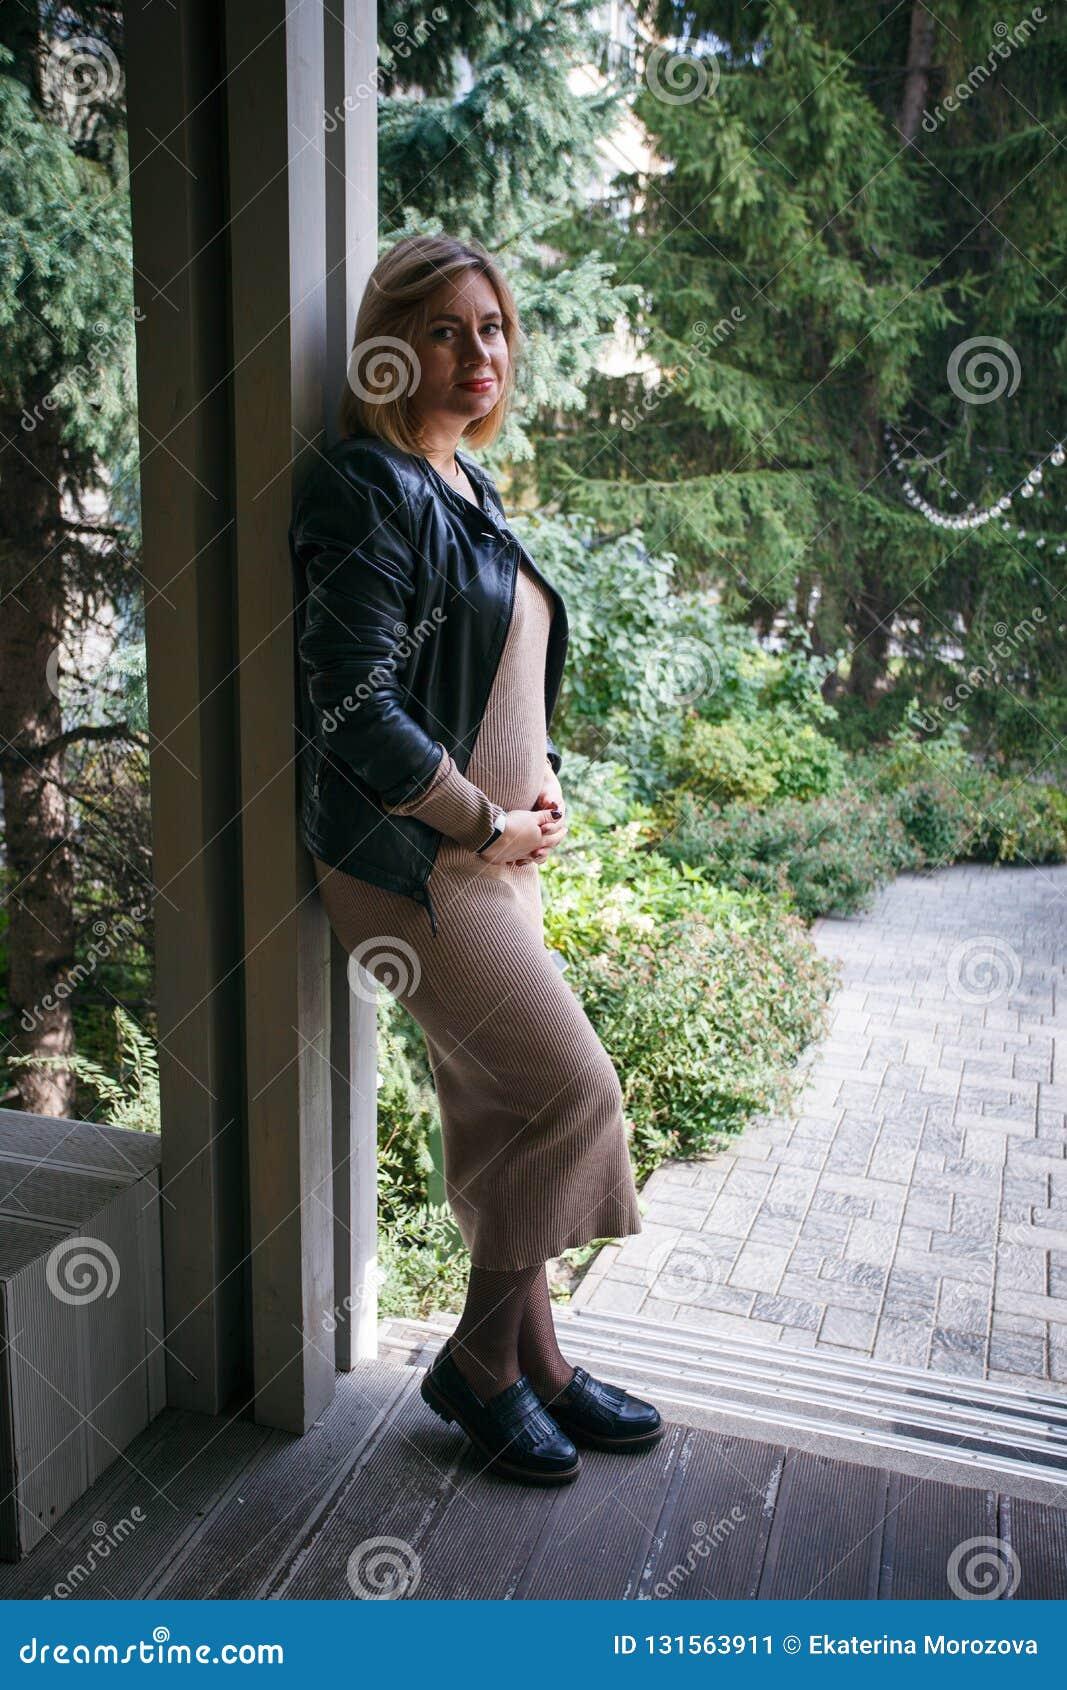 e5477d5e4b6 Estilo elegante de una mujer embarazada en una ciudad moderna La moda  tiende para las mujeres